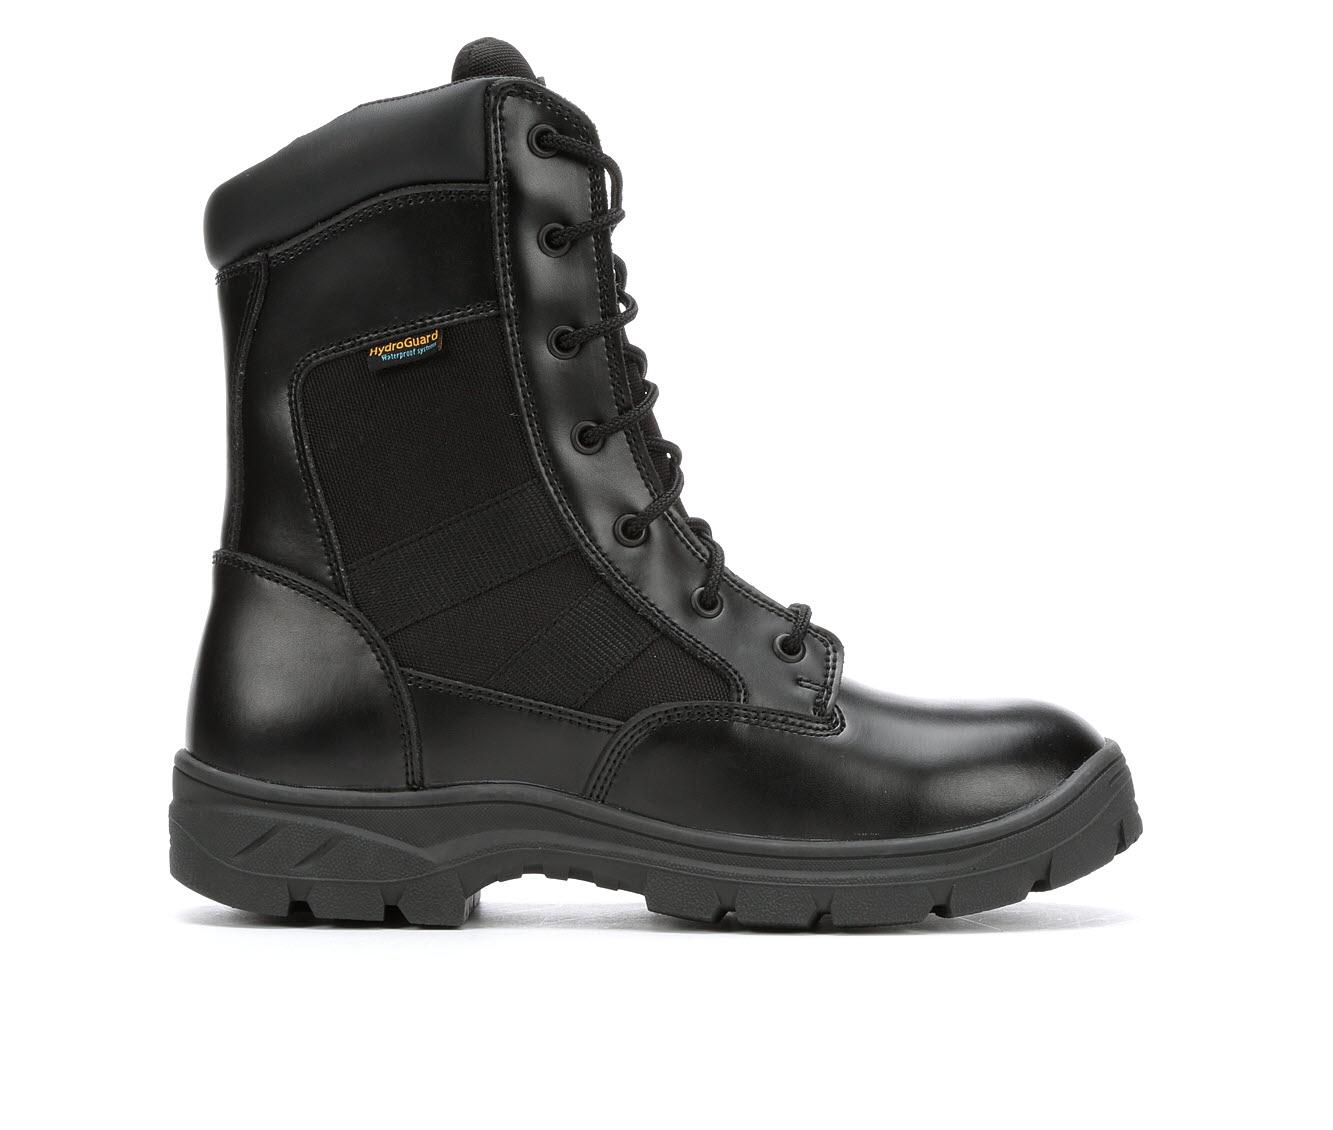 Skechers Work Athas Zip Waterproof 77514 Men's Boots (Black Leather)